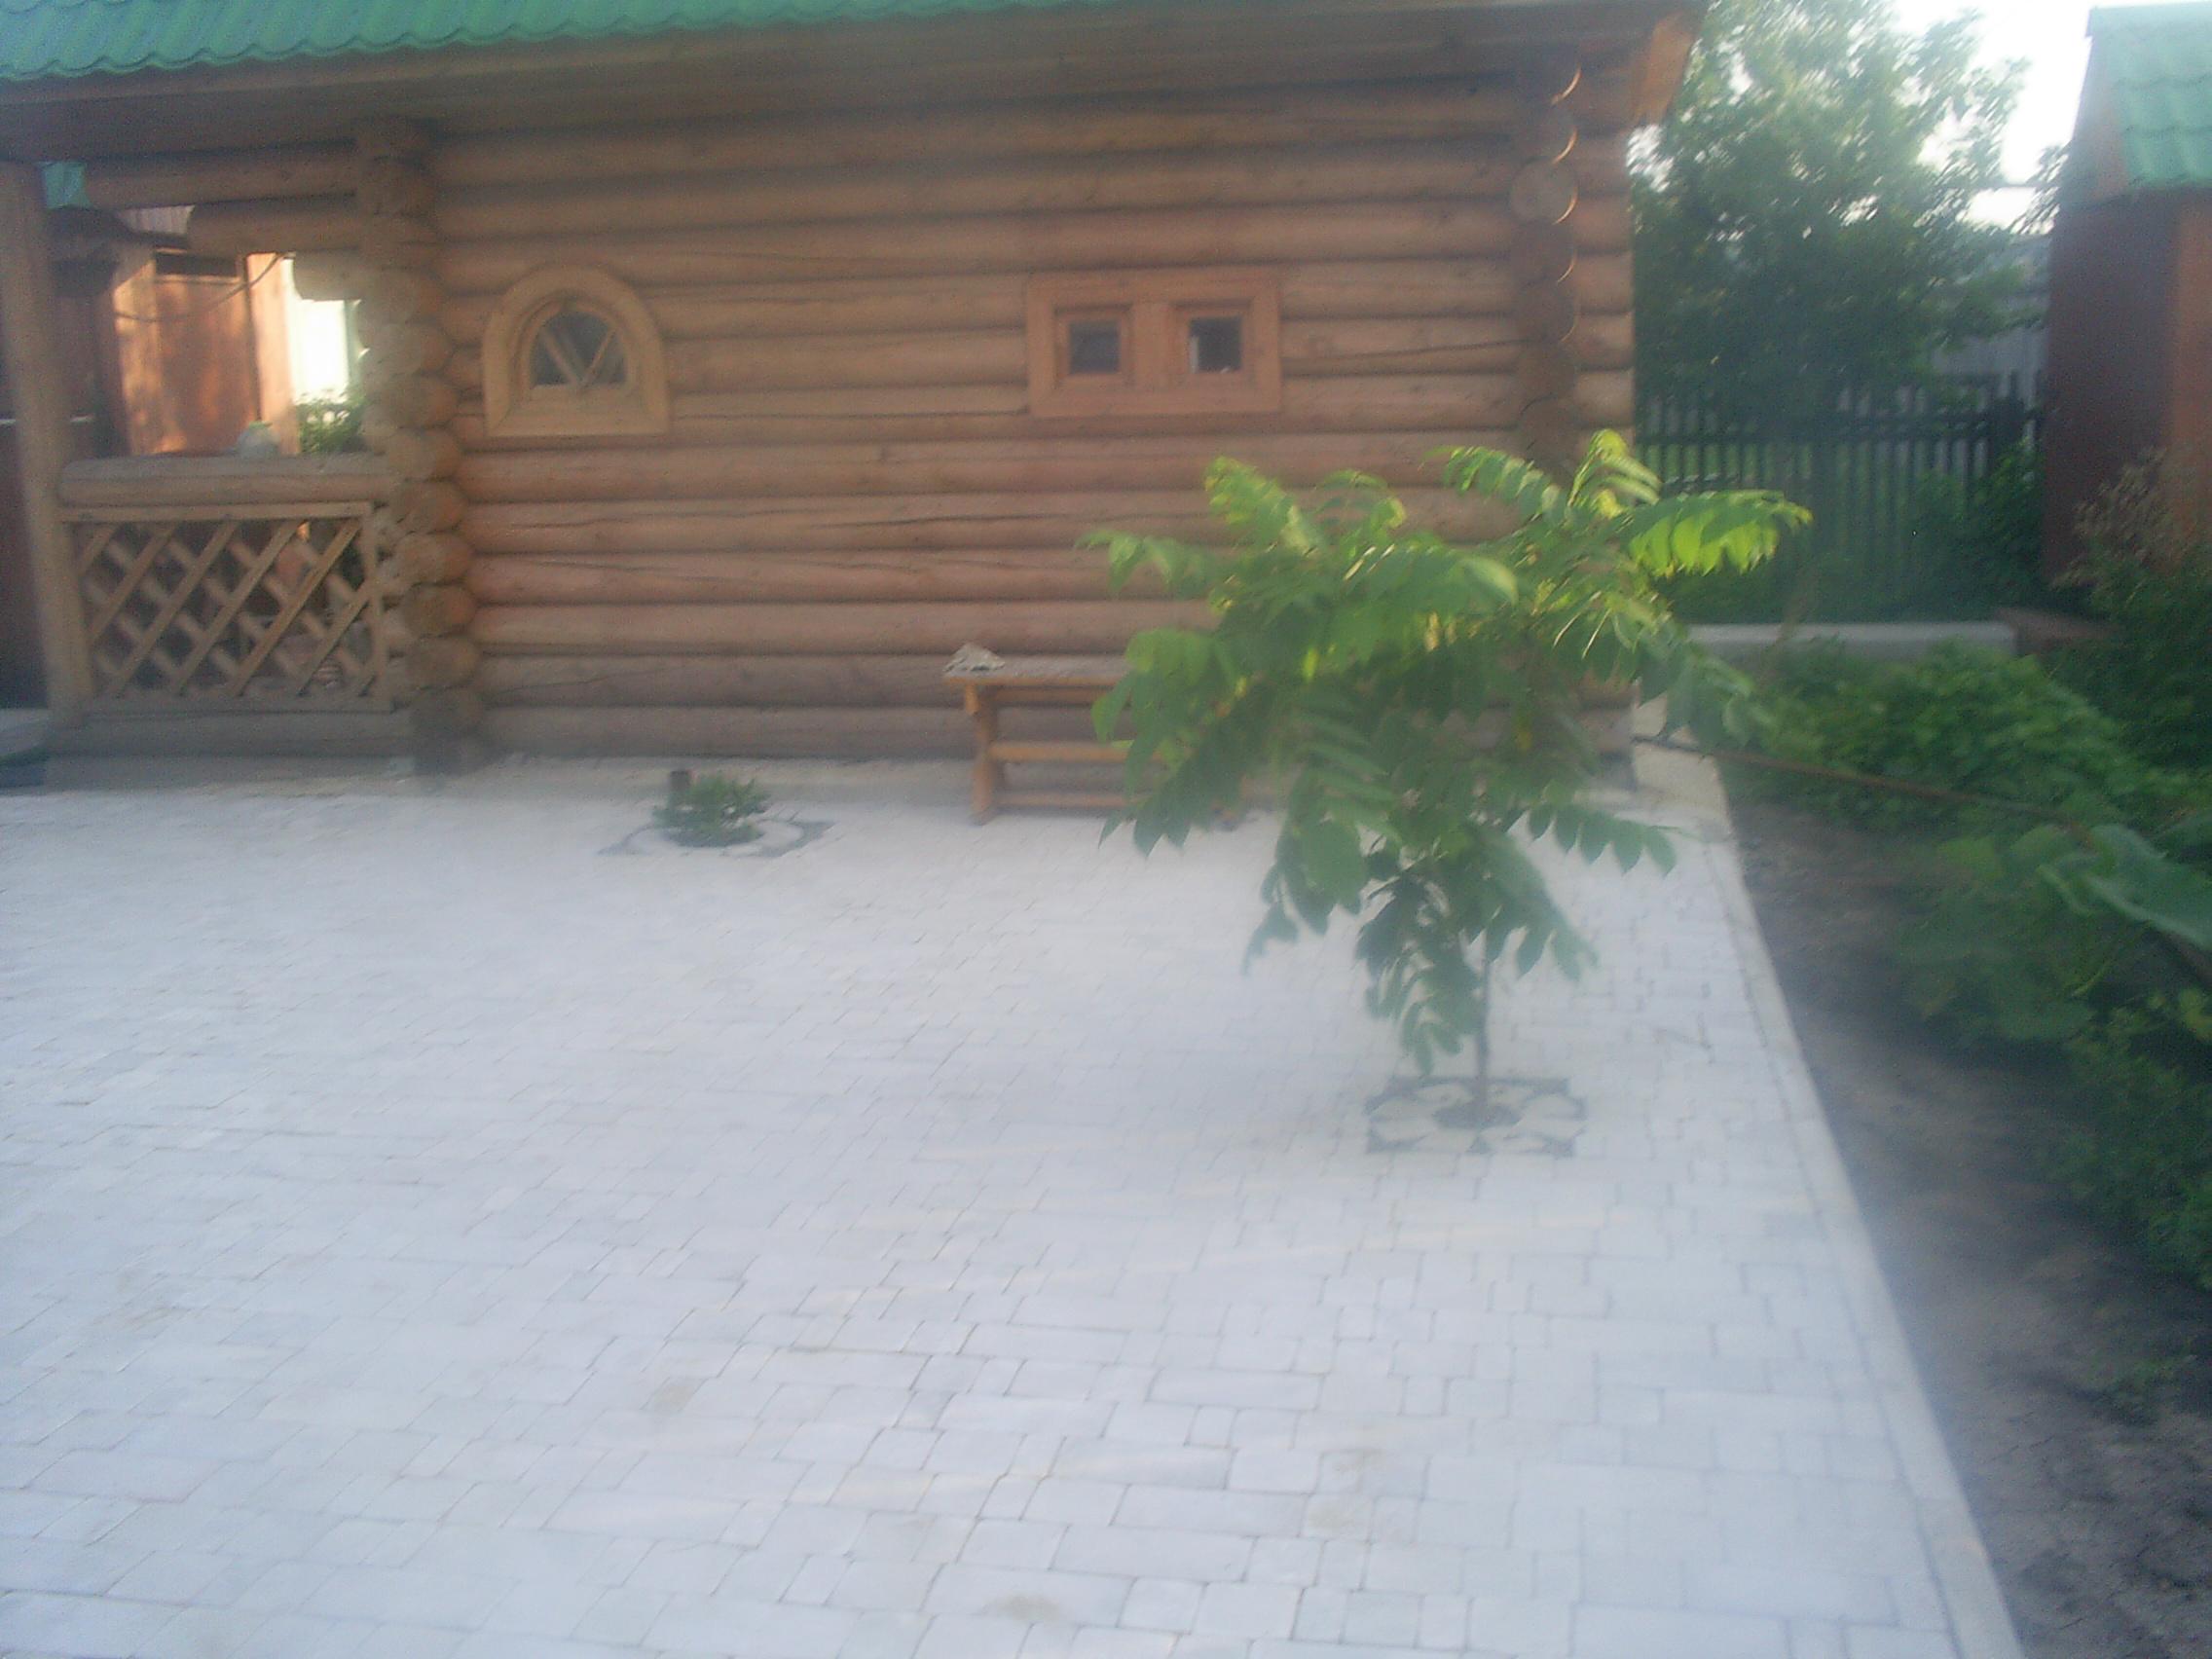 http://plitka-omsk55.ru/images/upload/S4020028.JPG